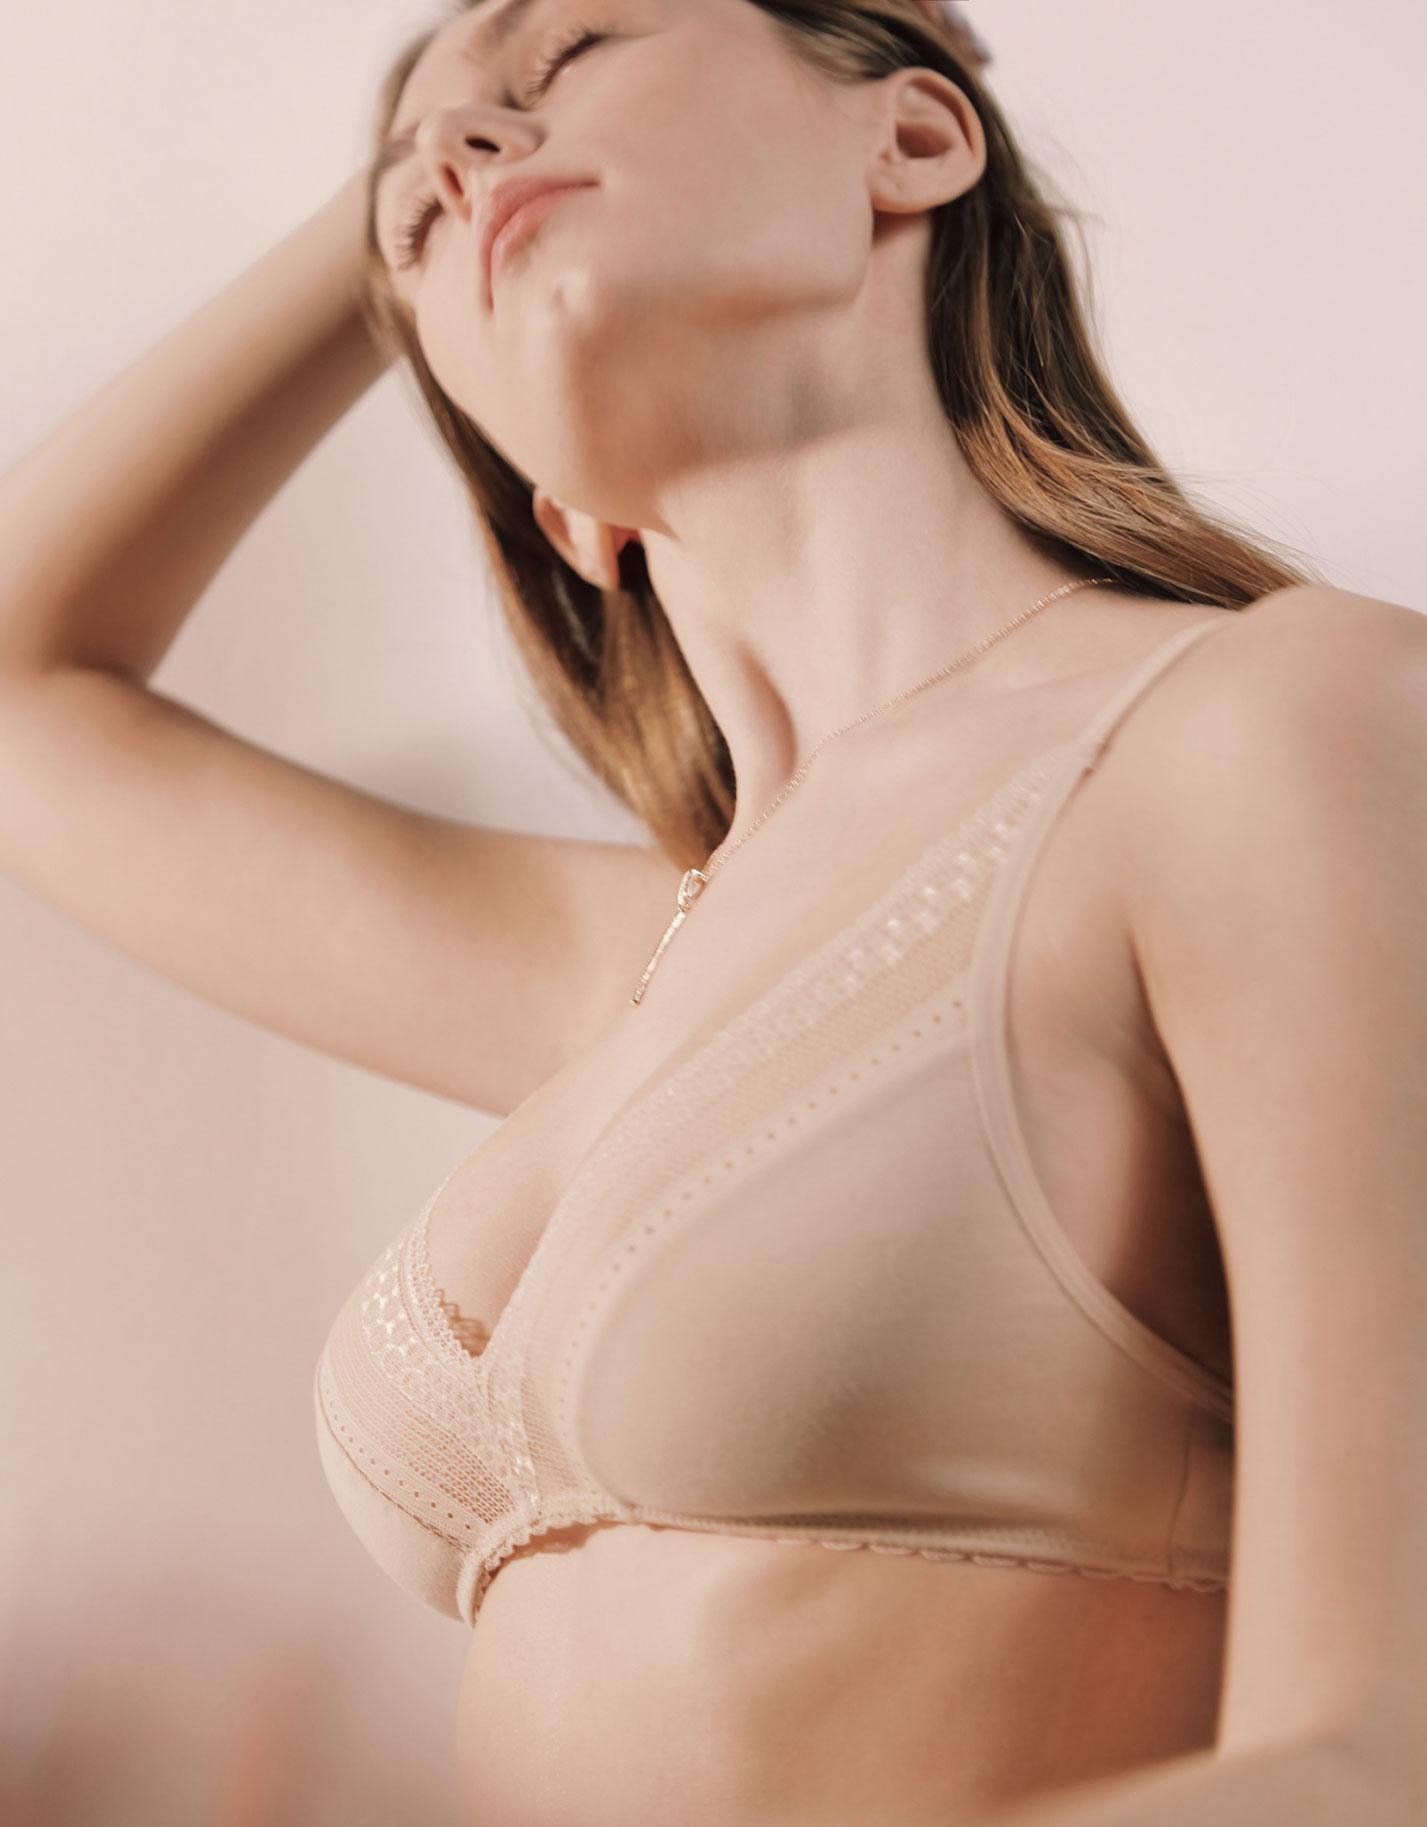 Каролина Жих в нижнем белье модного бренда Conte, сезон весна-лето 2021 / фото 16